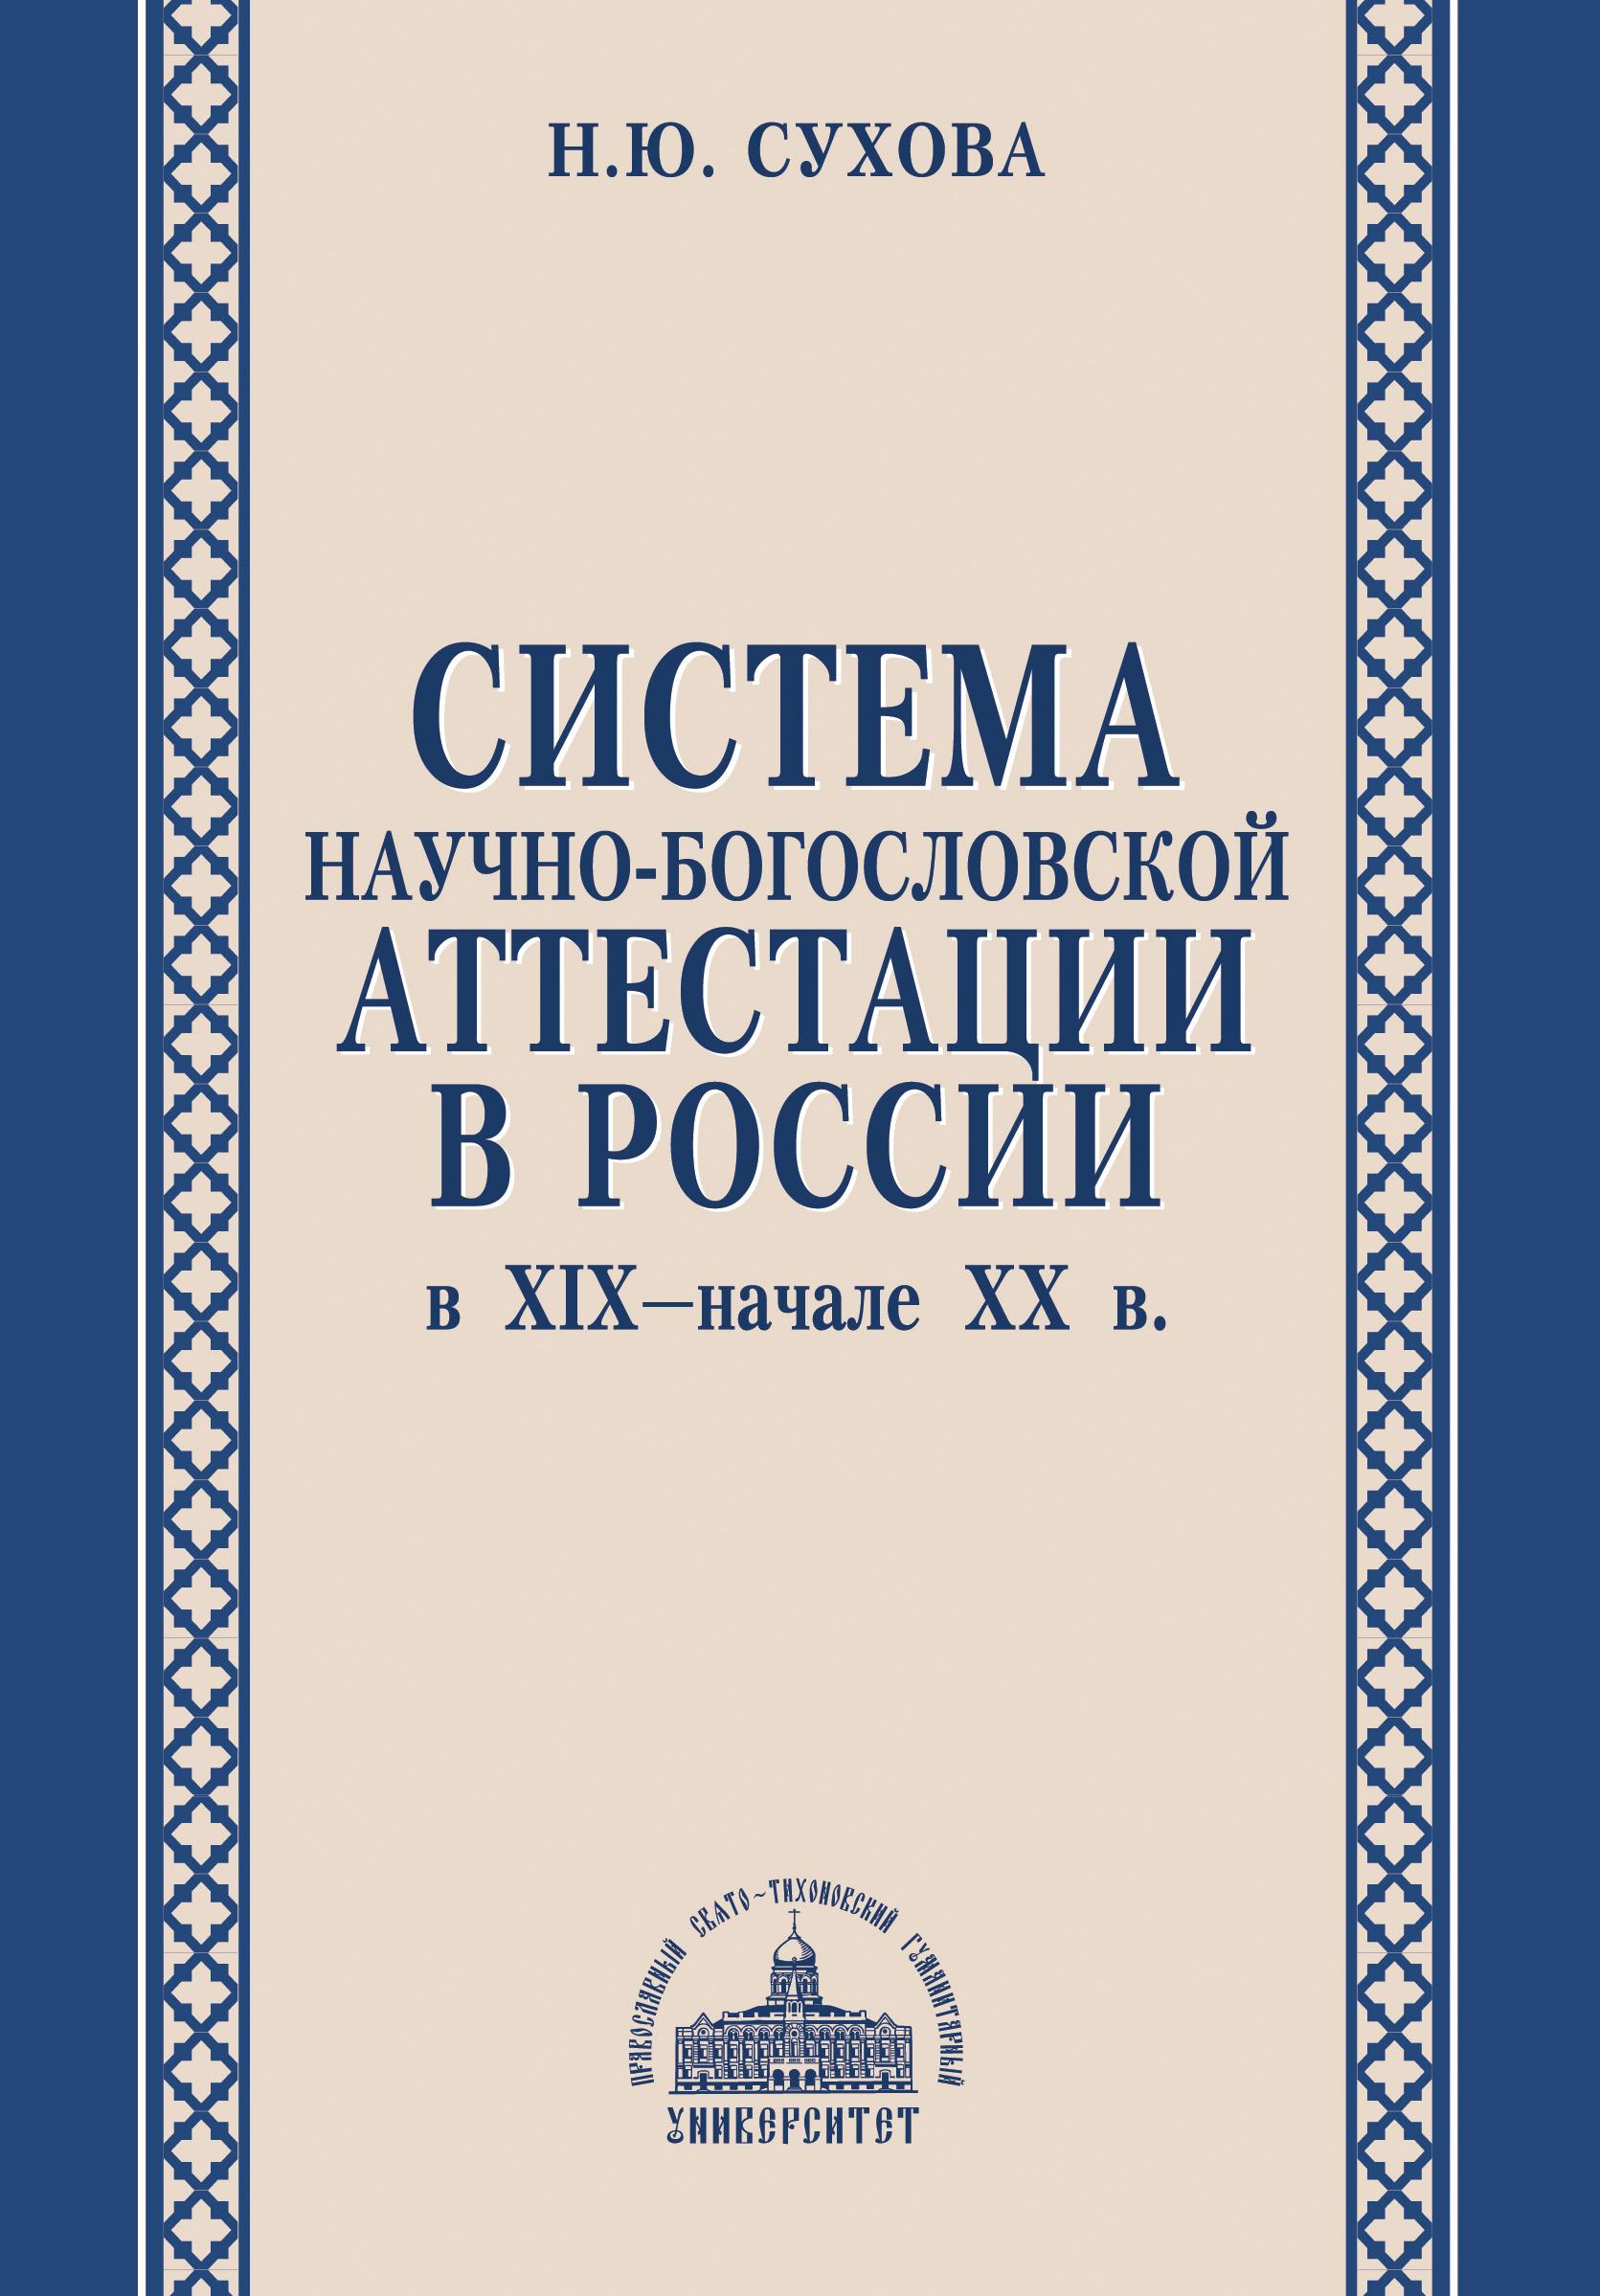 Наталья Сухова Система научно-богословской аттестации в России в XIX – начале XX в.